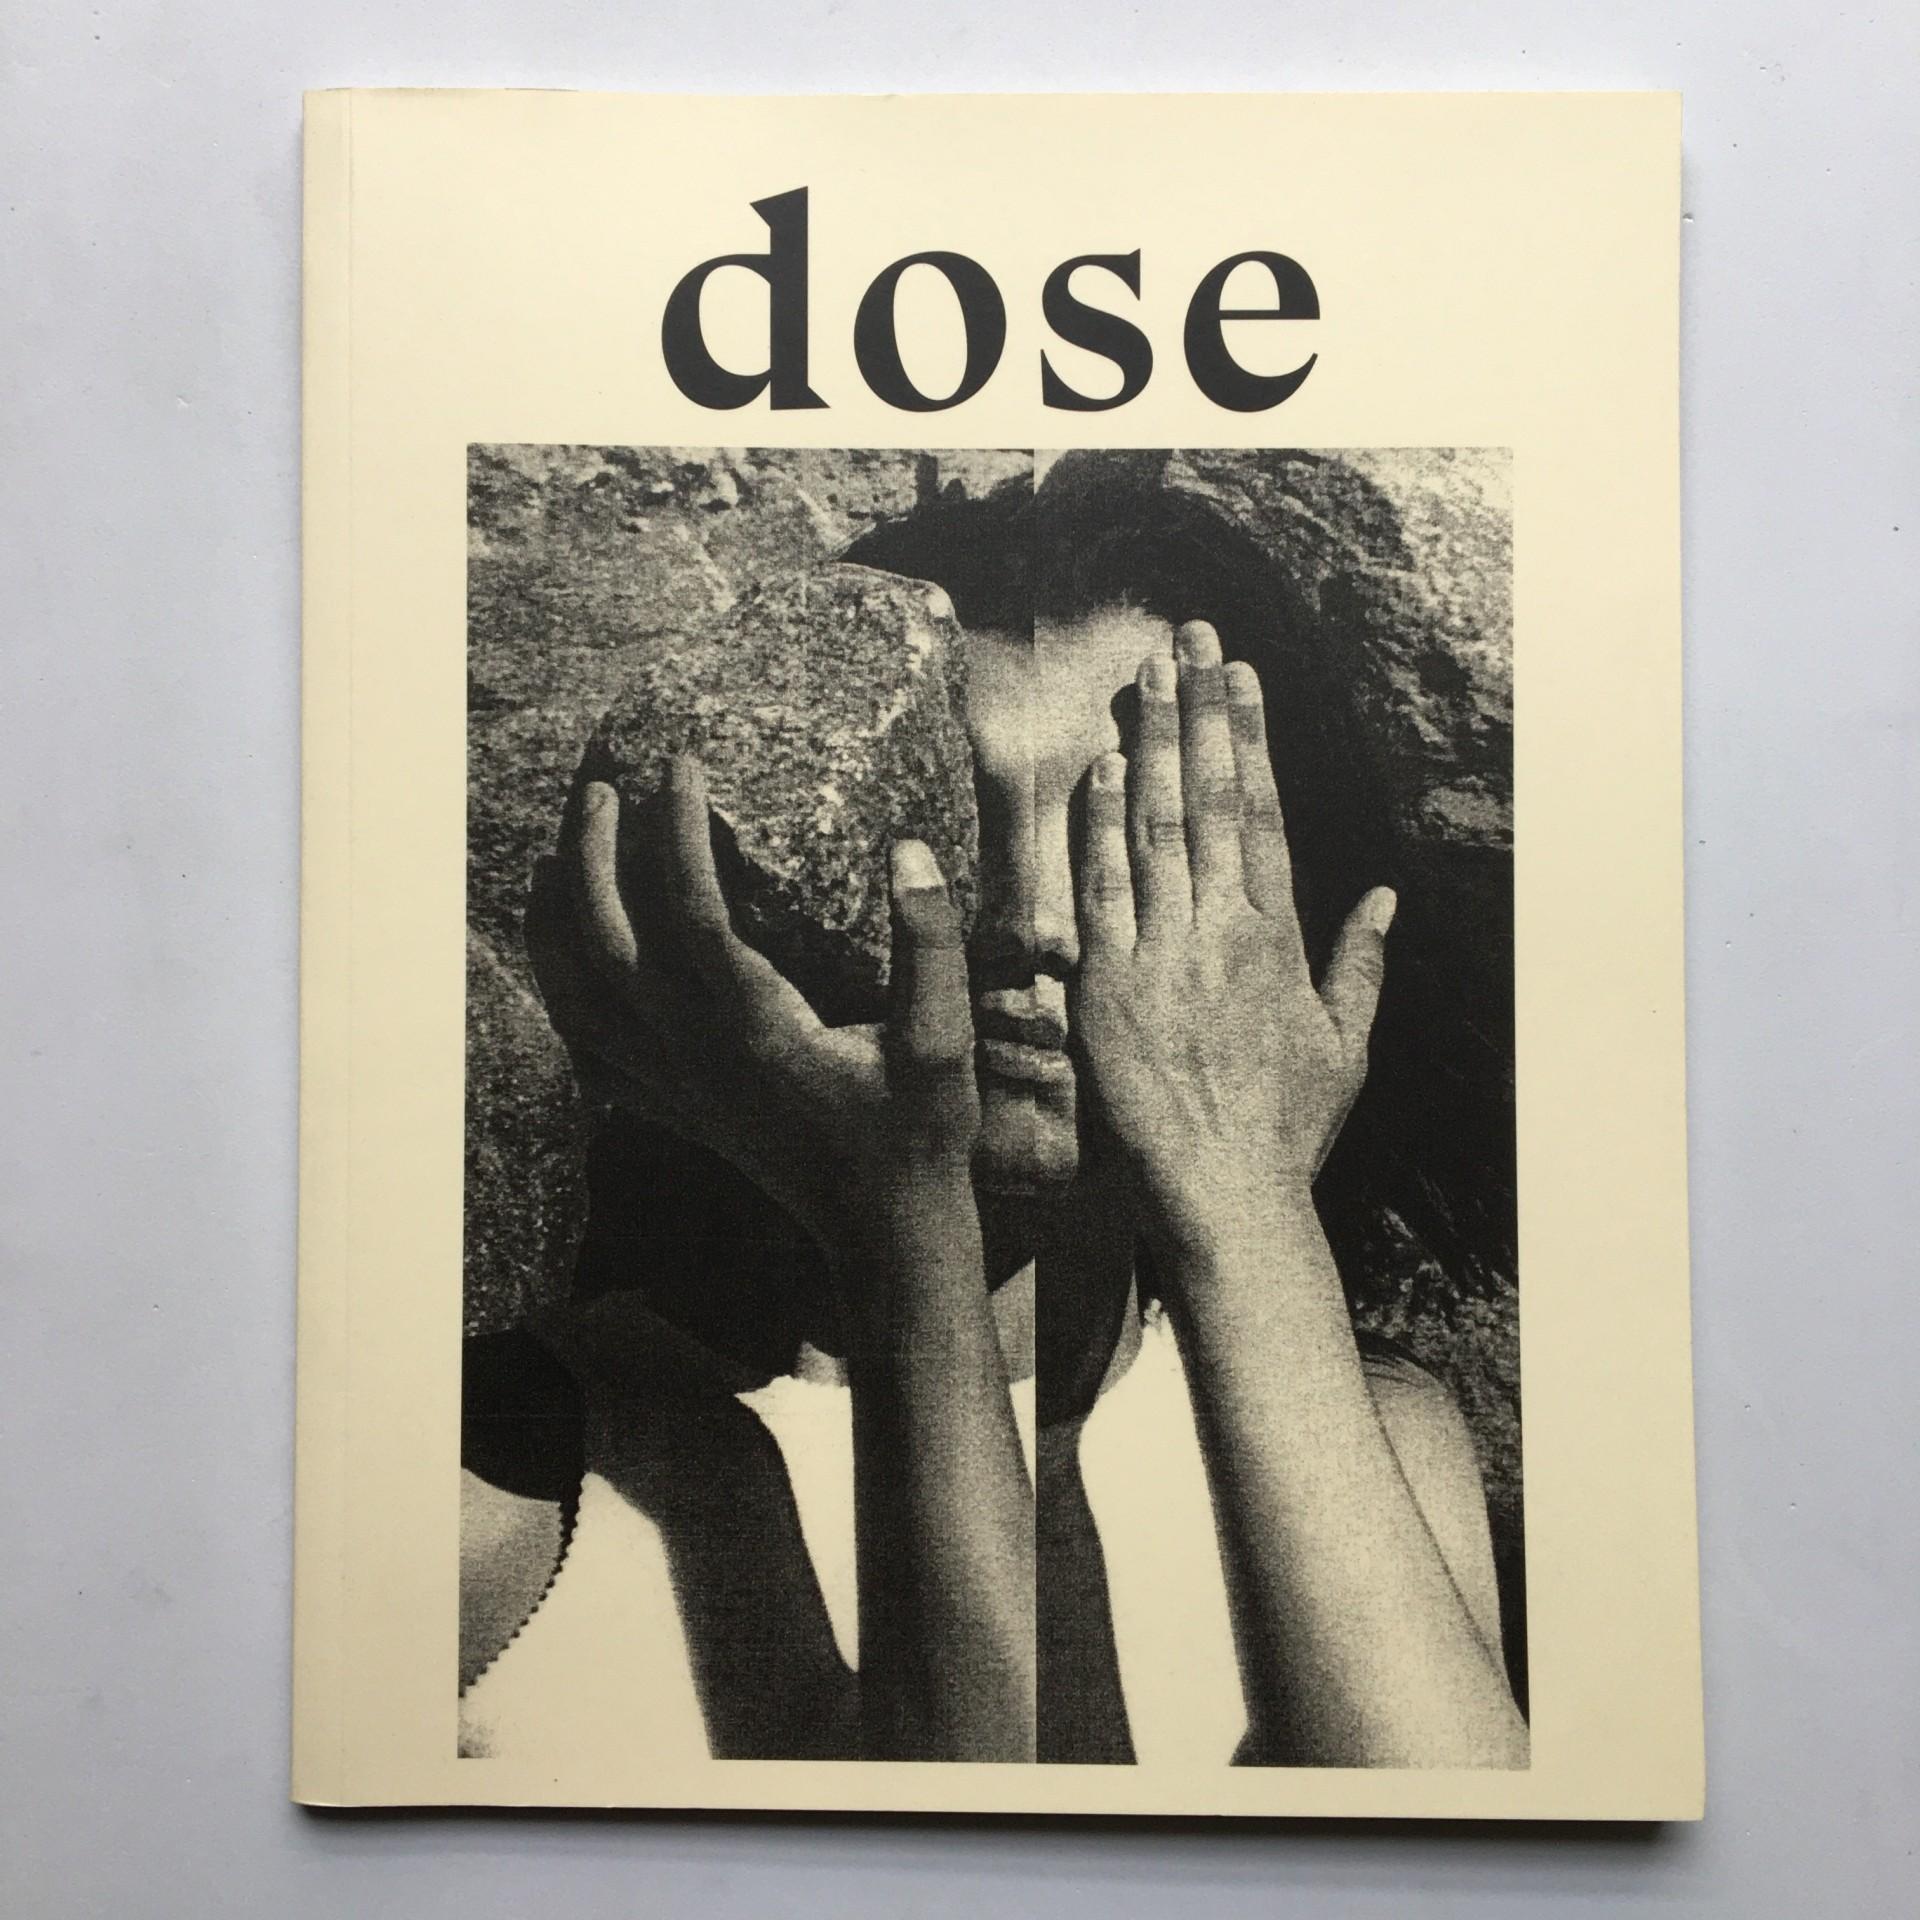 Dose I